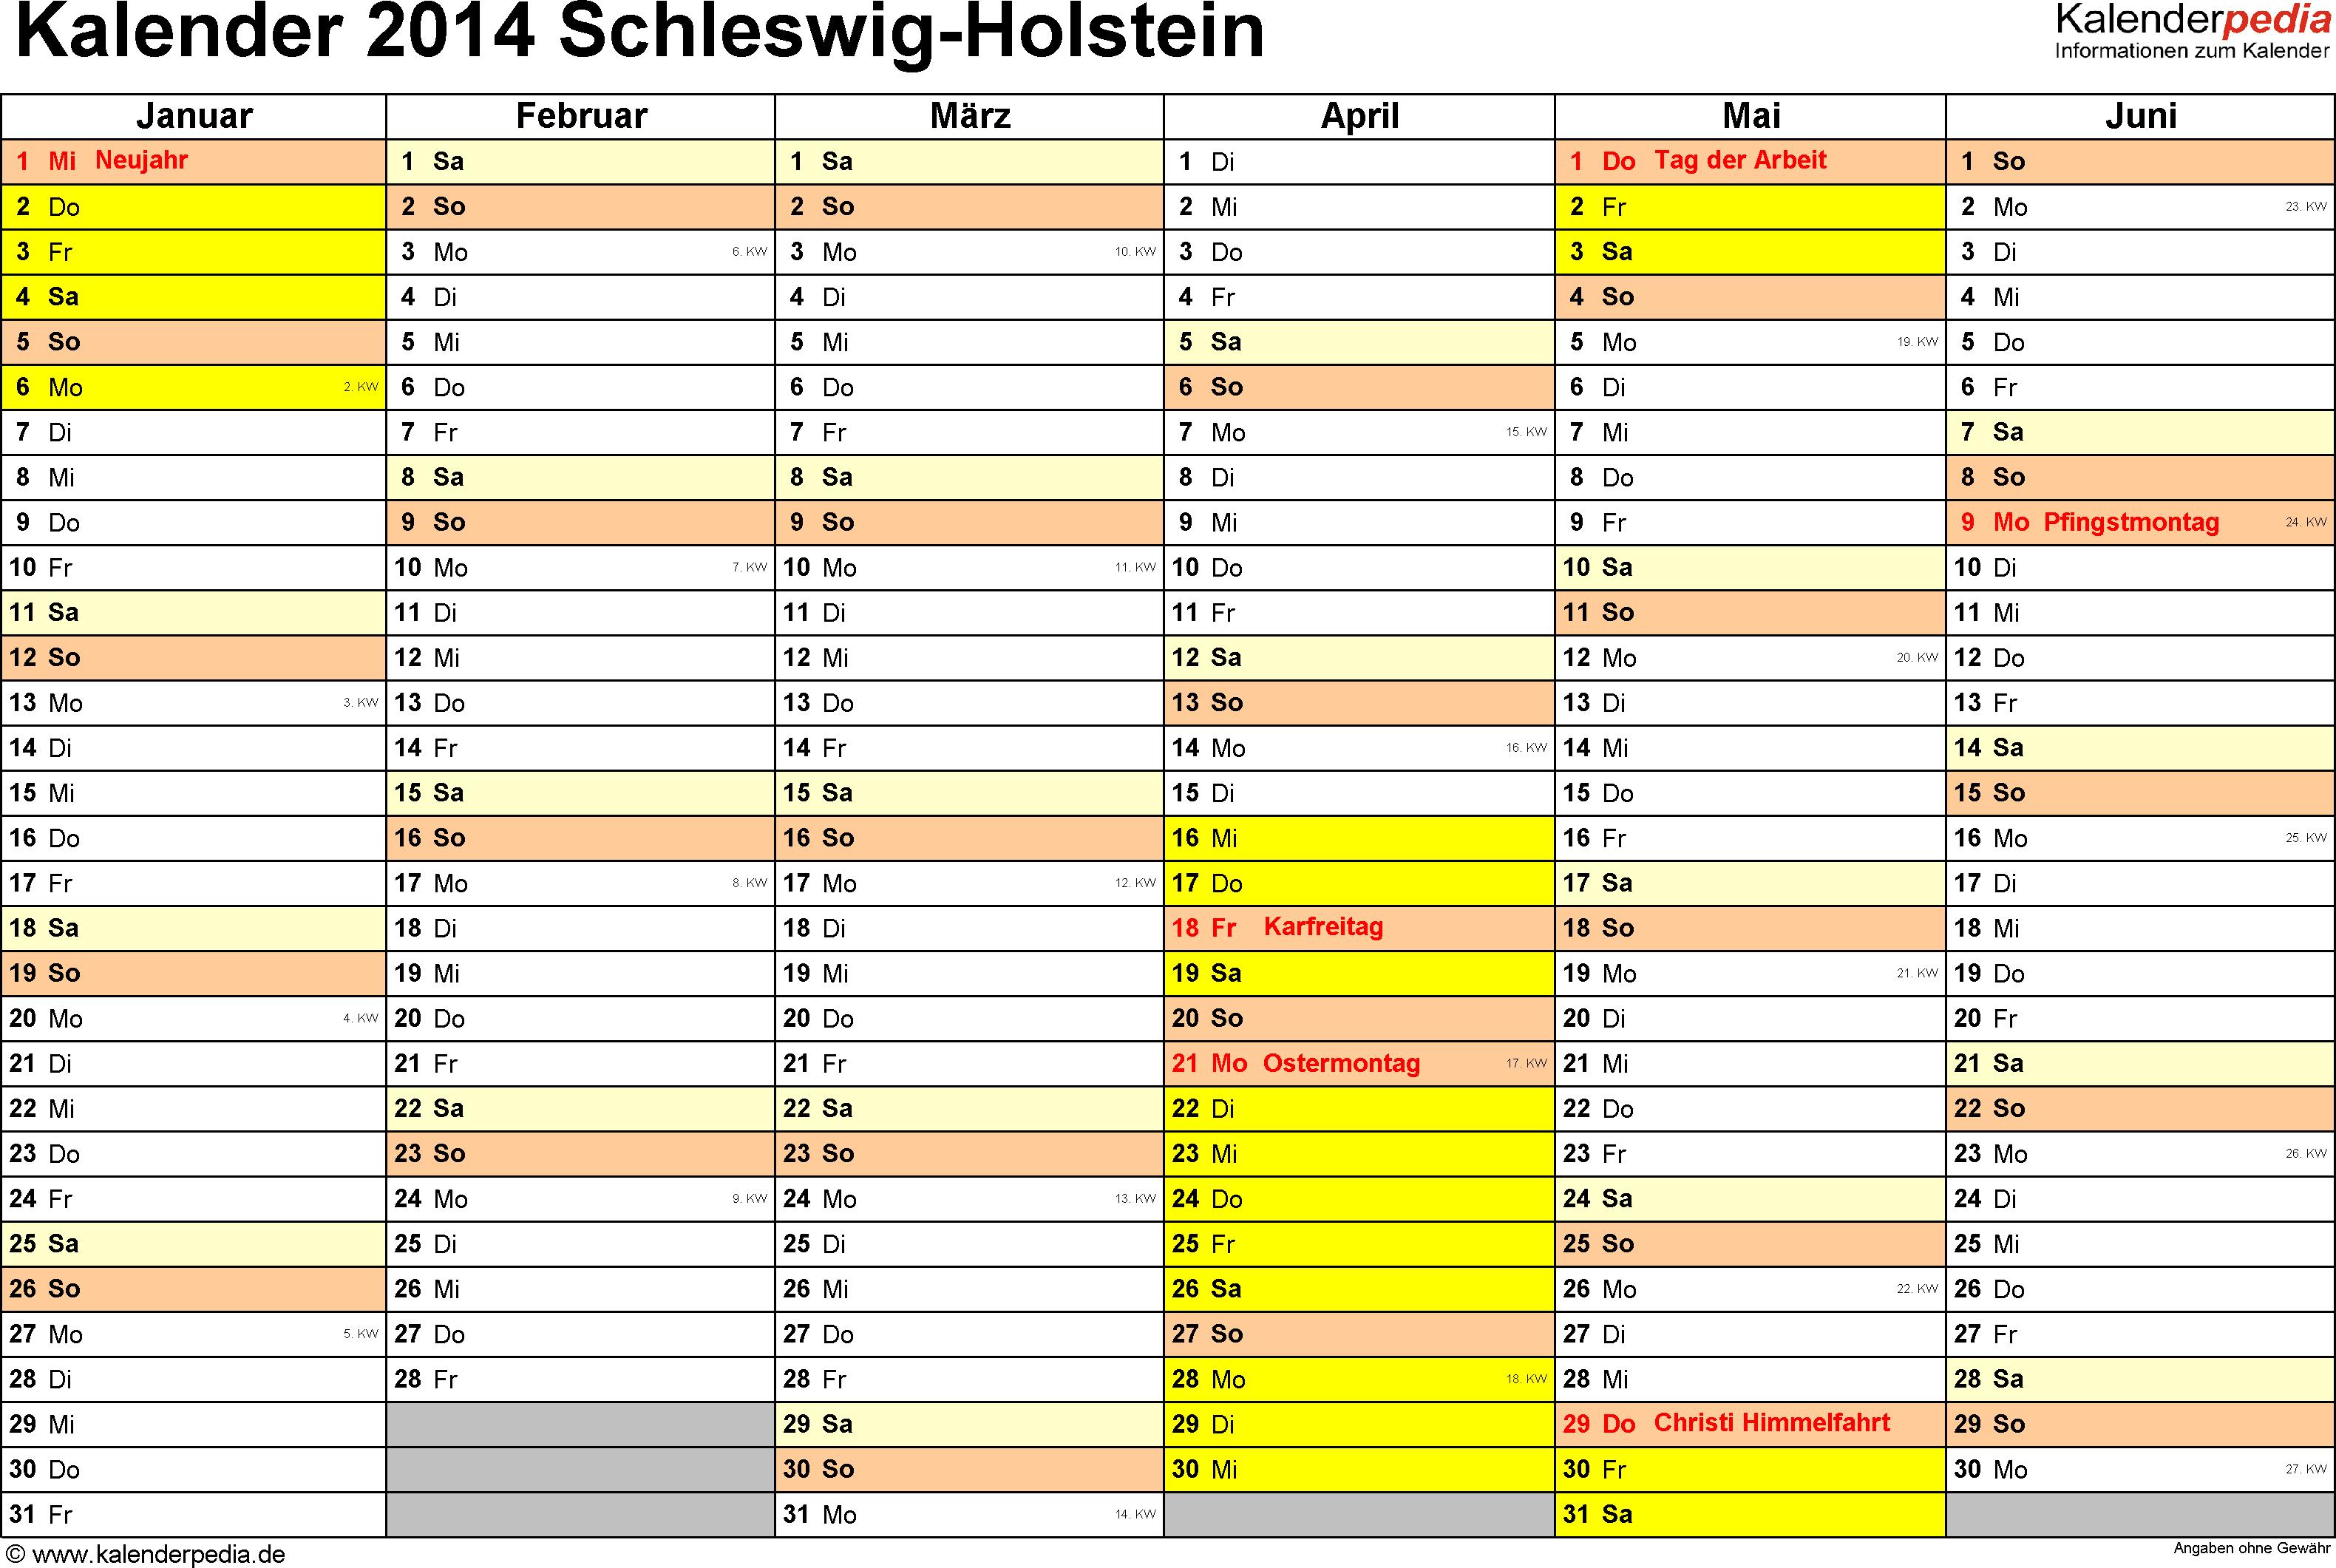 Vorlage 2: Kalender 2014 für Schleswig-Holstein als PDF-Vorlagen (Querformat, 2 Seiten)